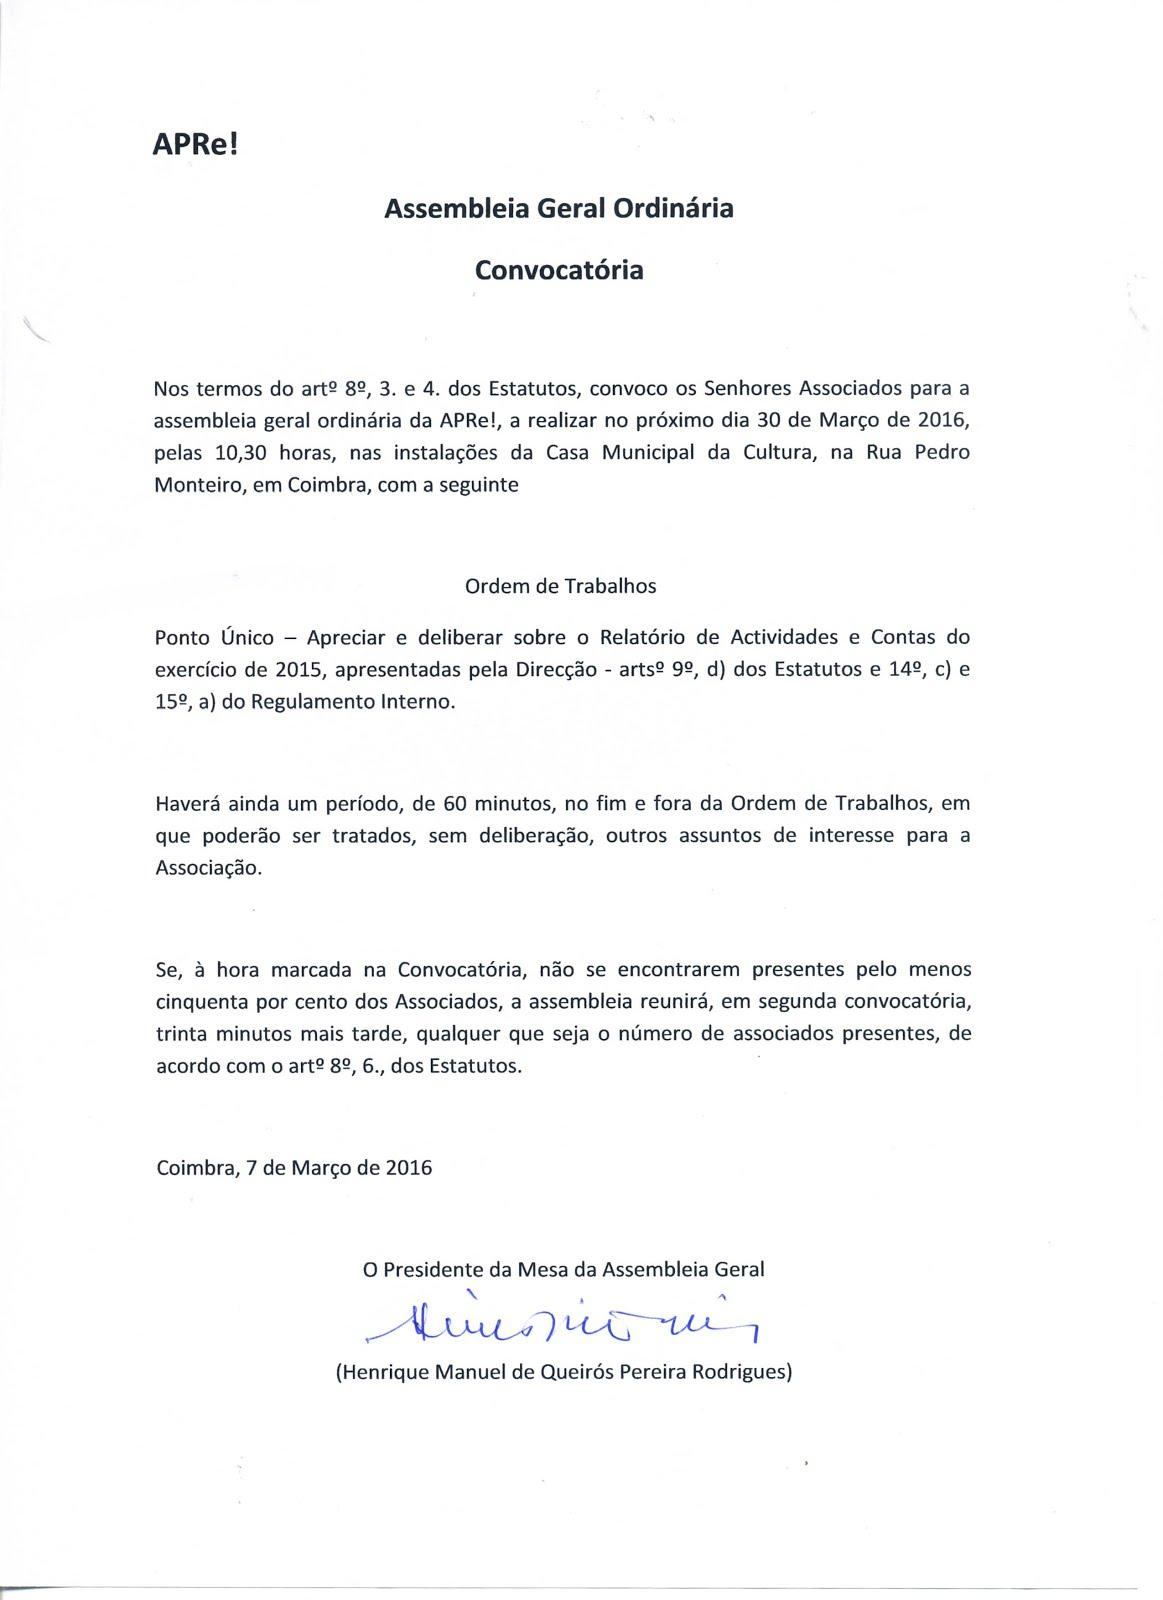 Convocatória para Assembleia Geral Ordinária da APRe!, 30 de Março 2016